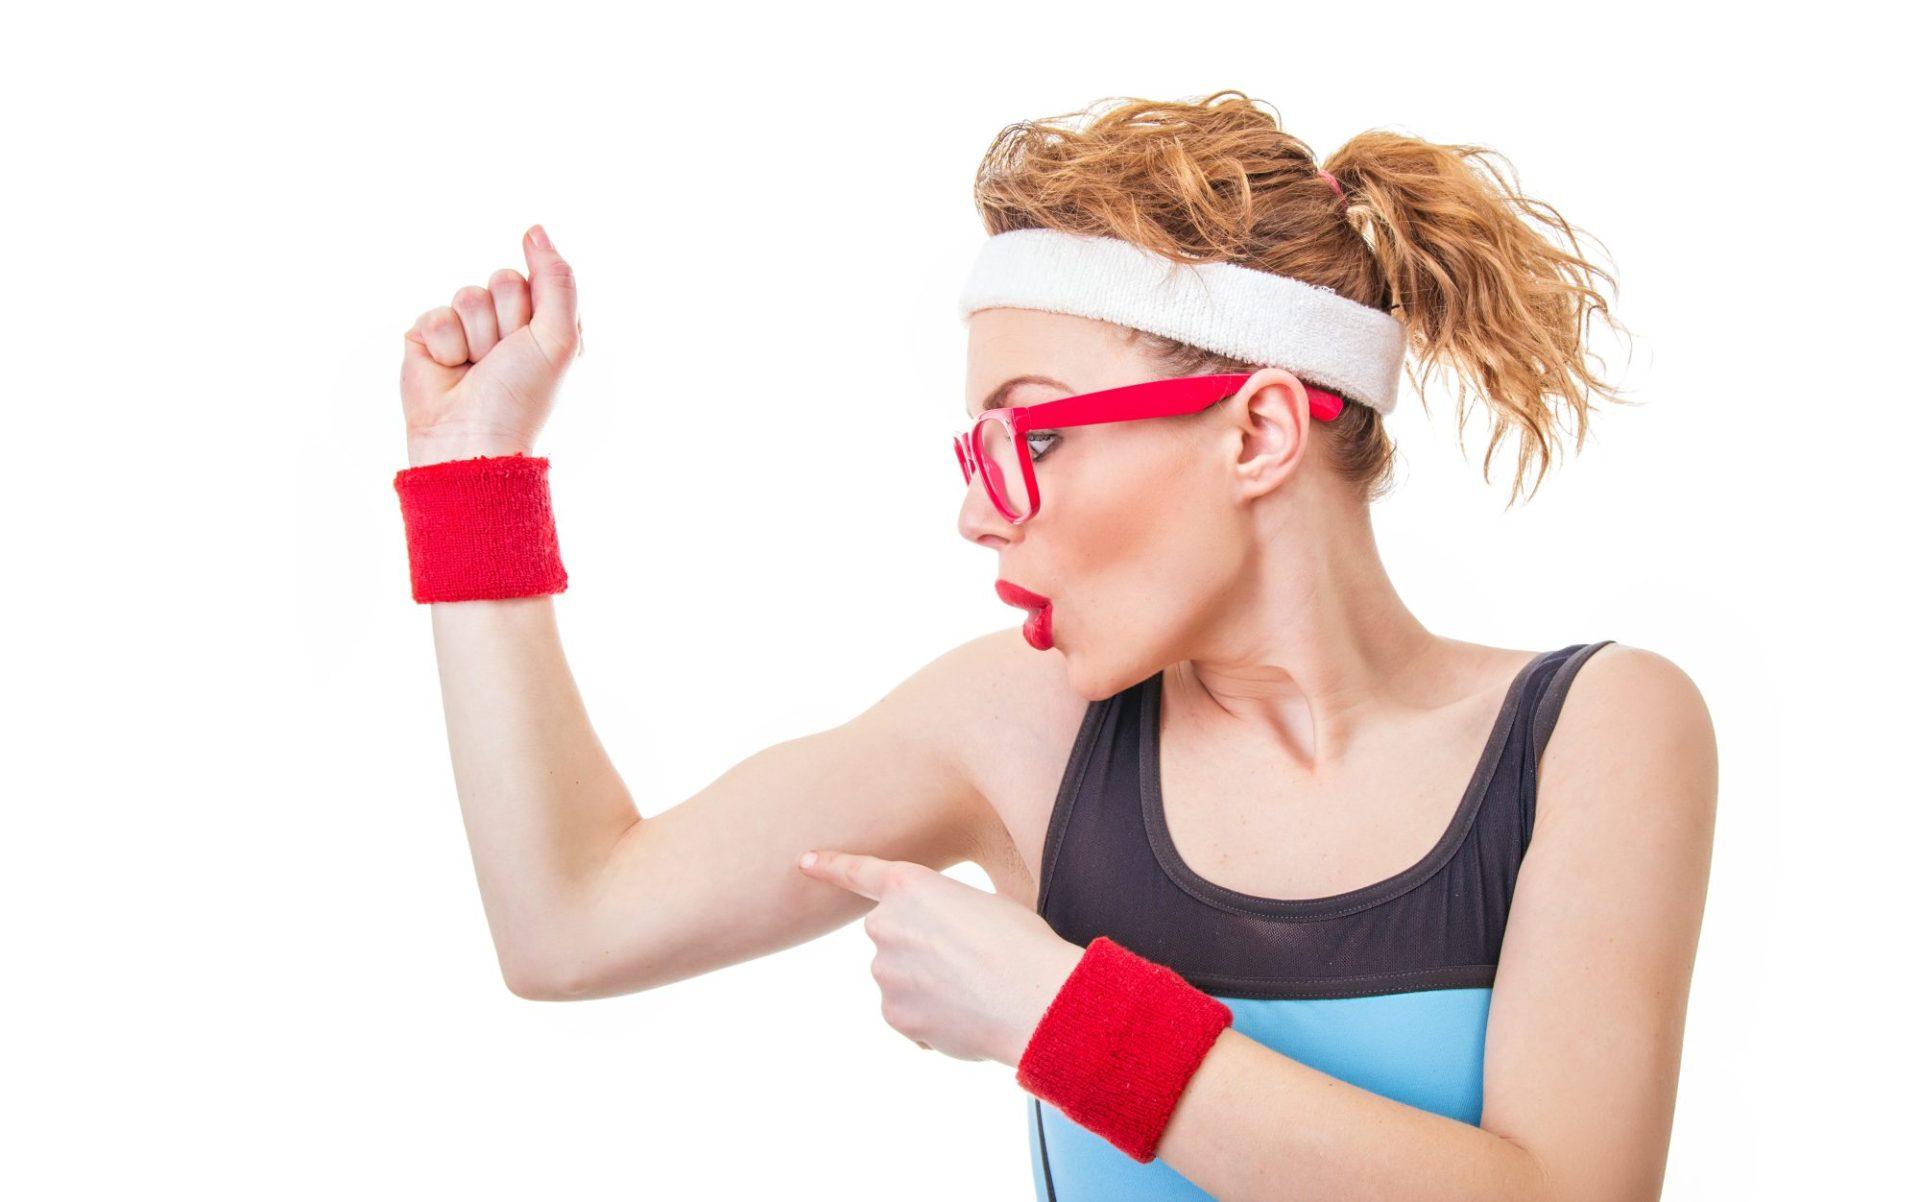 La musculation dessine le corps harmonieusement